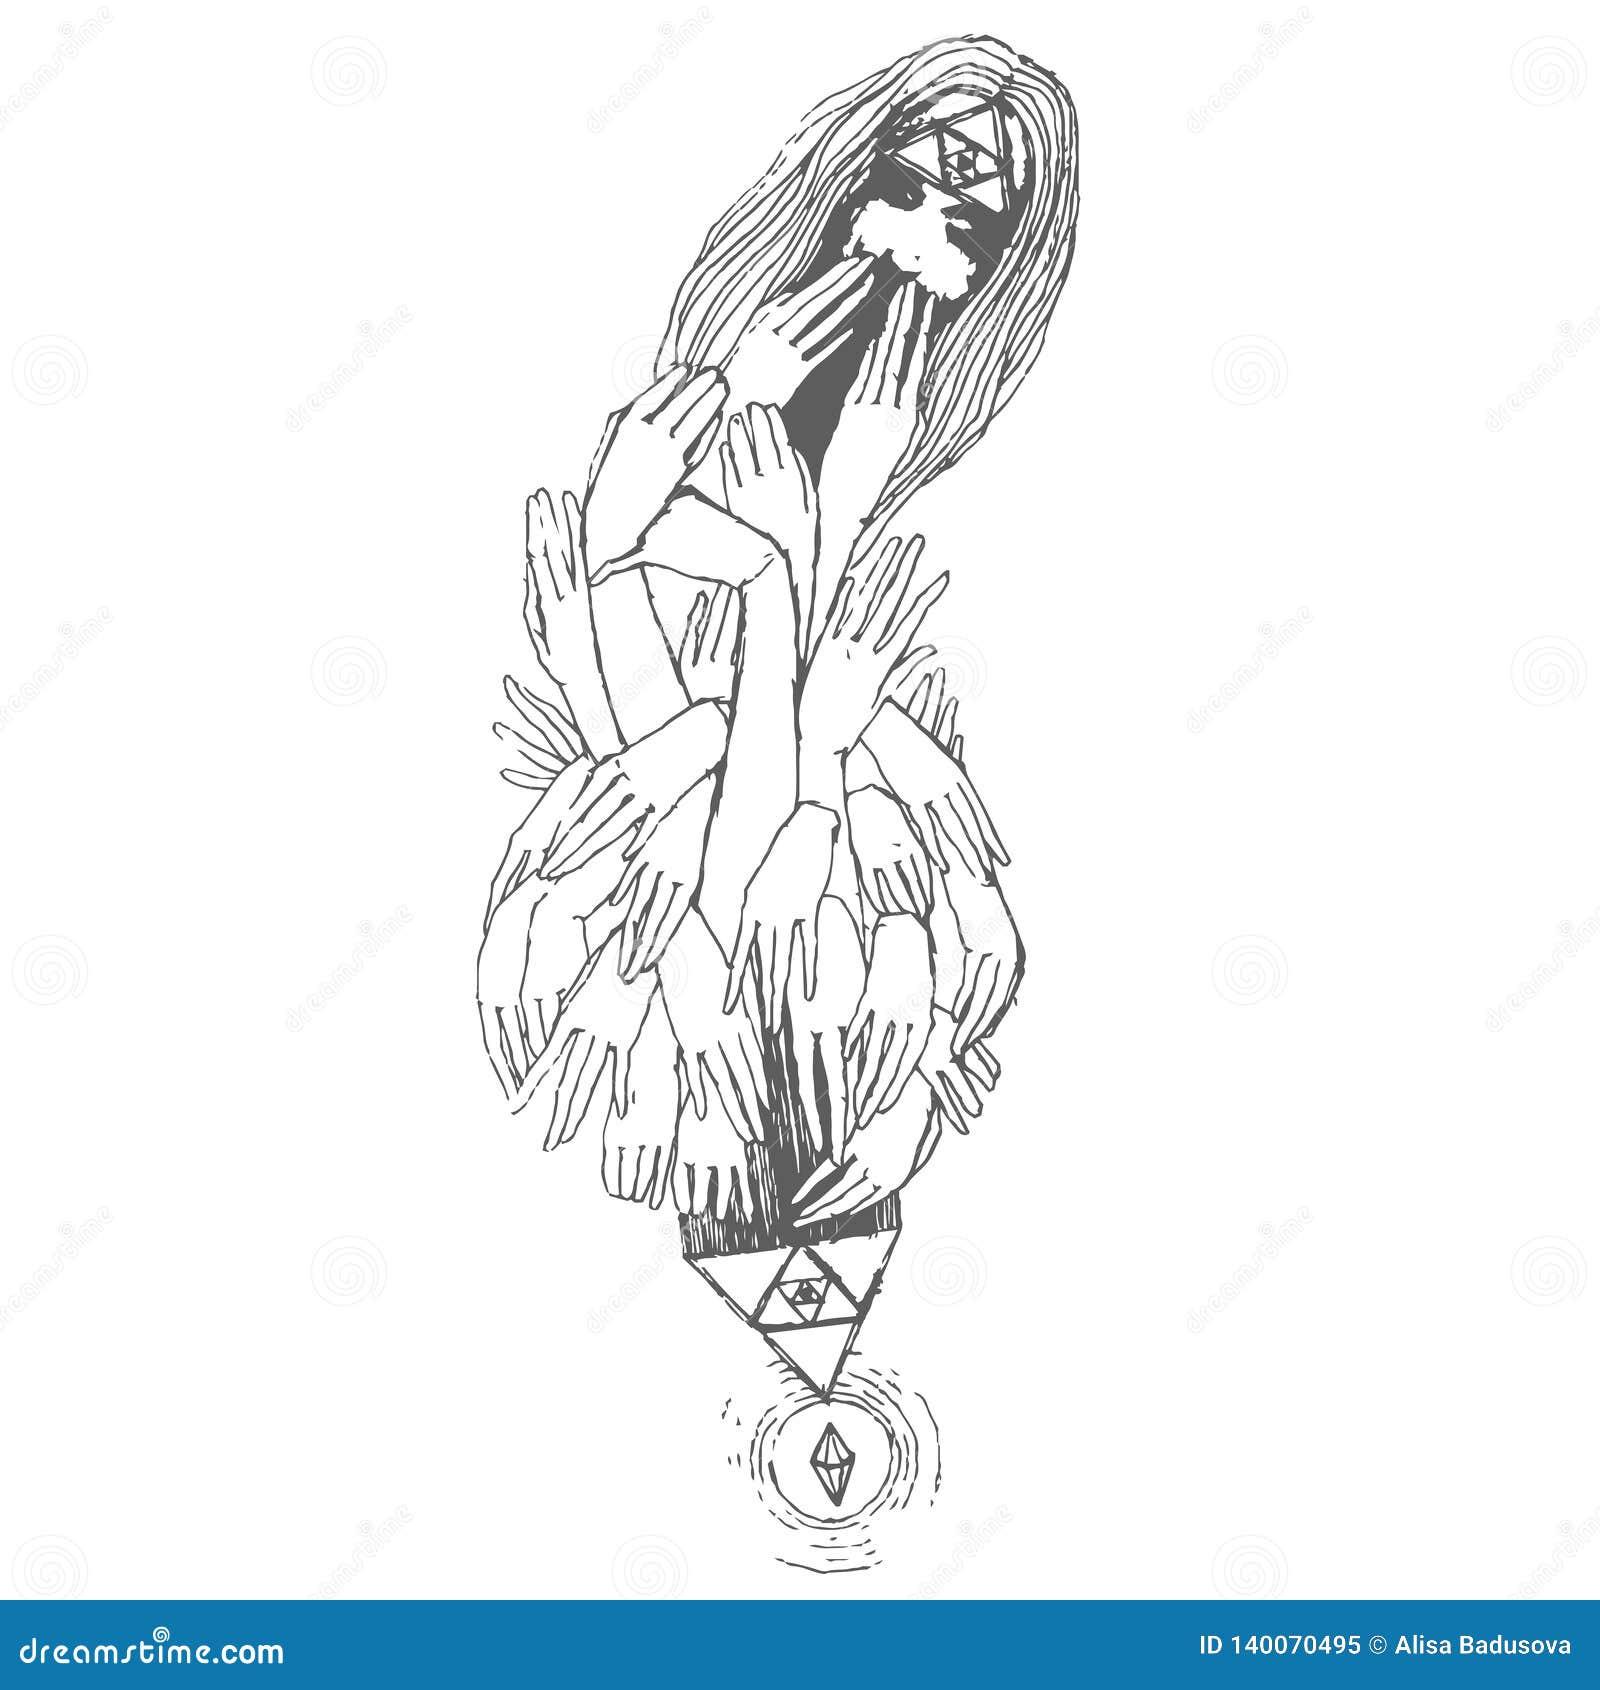 Wektorowa ręka rysujący nakreślenie druk dziewczyna z rękami drukuje ilustrację na białym tle